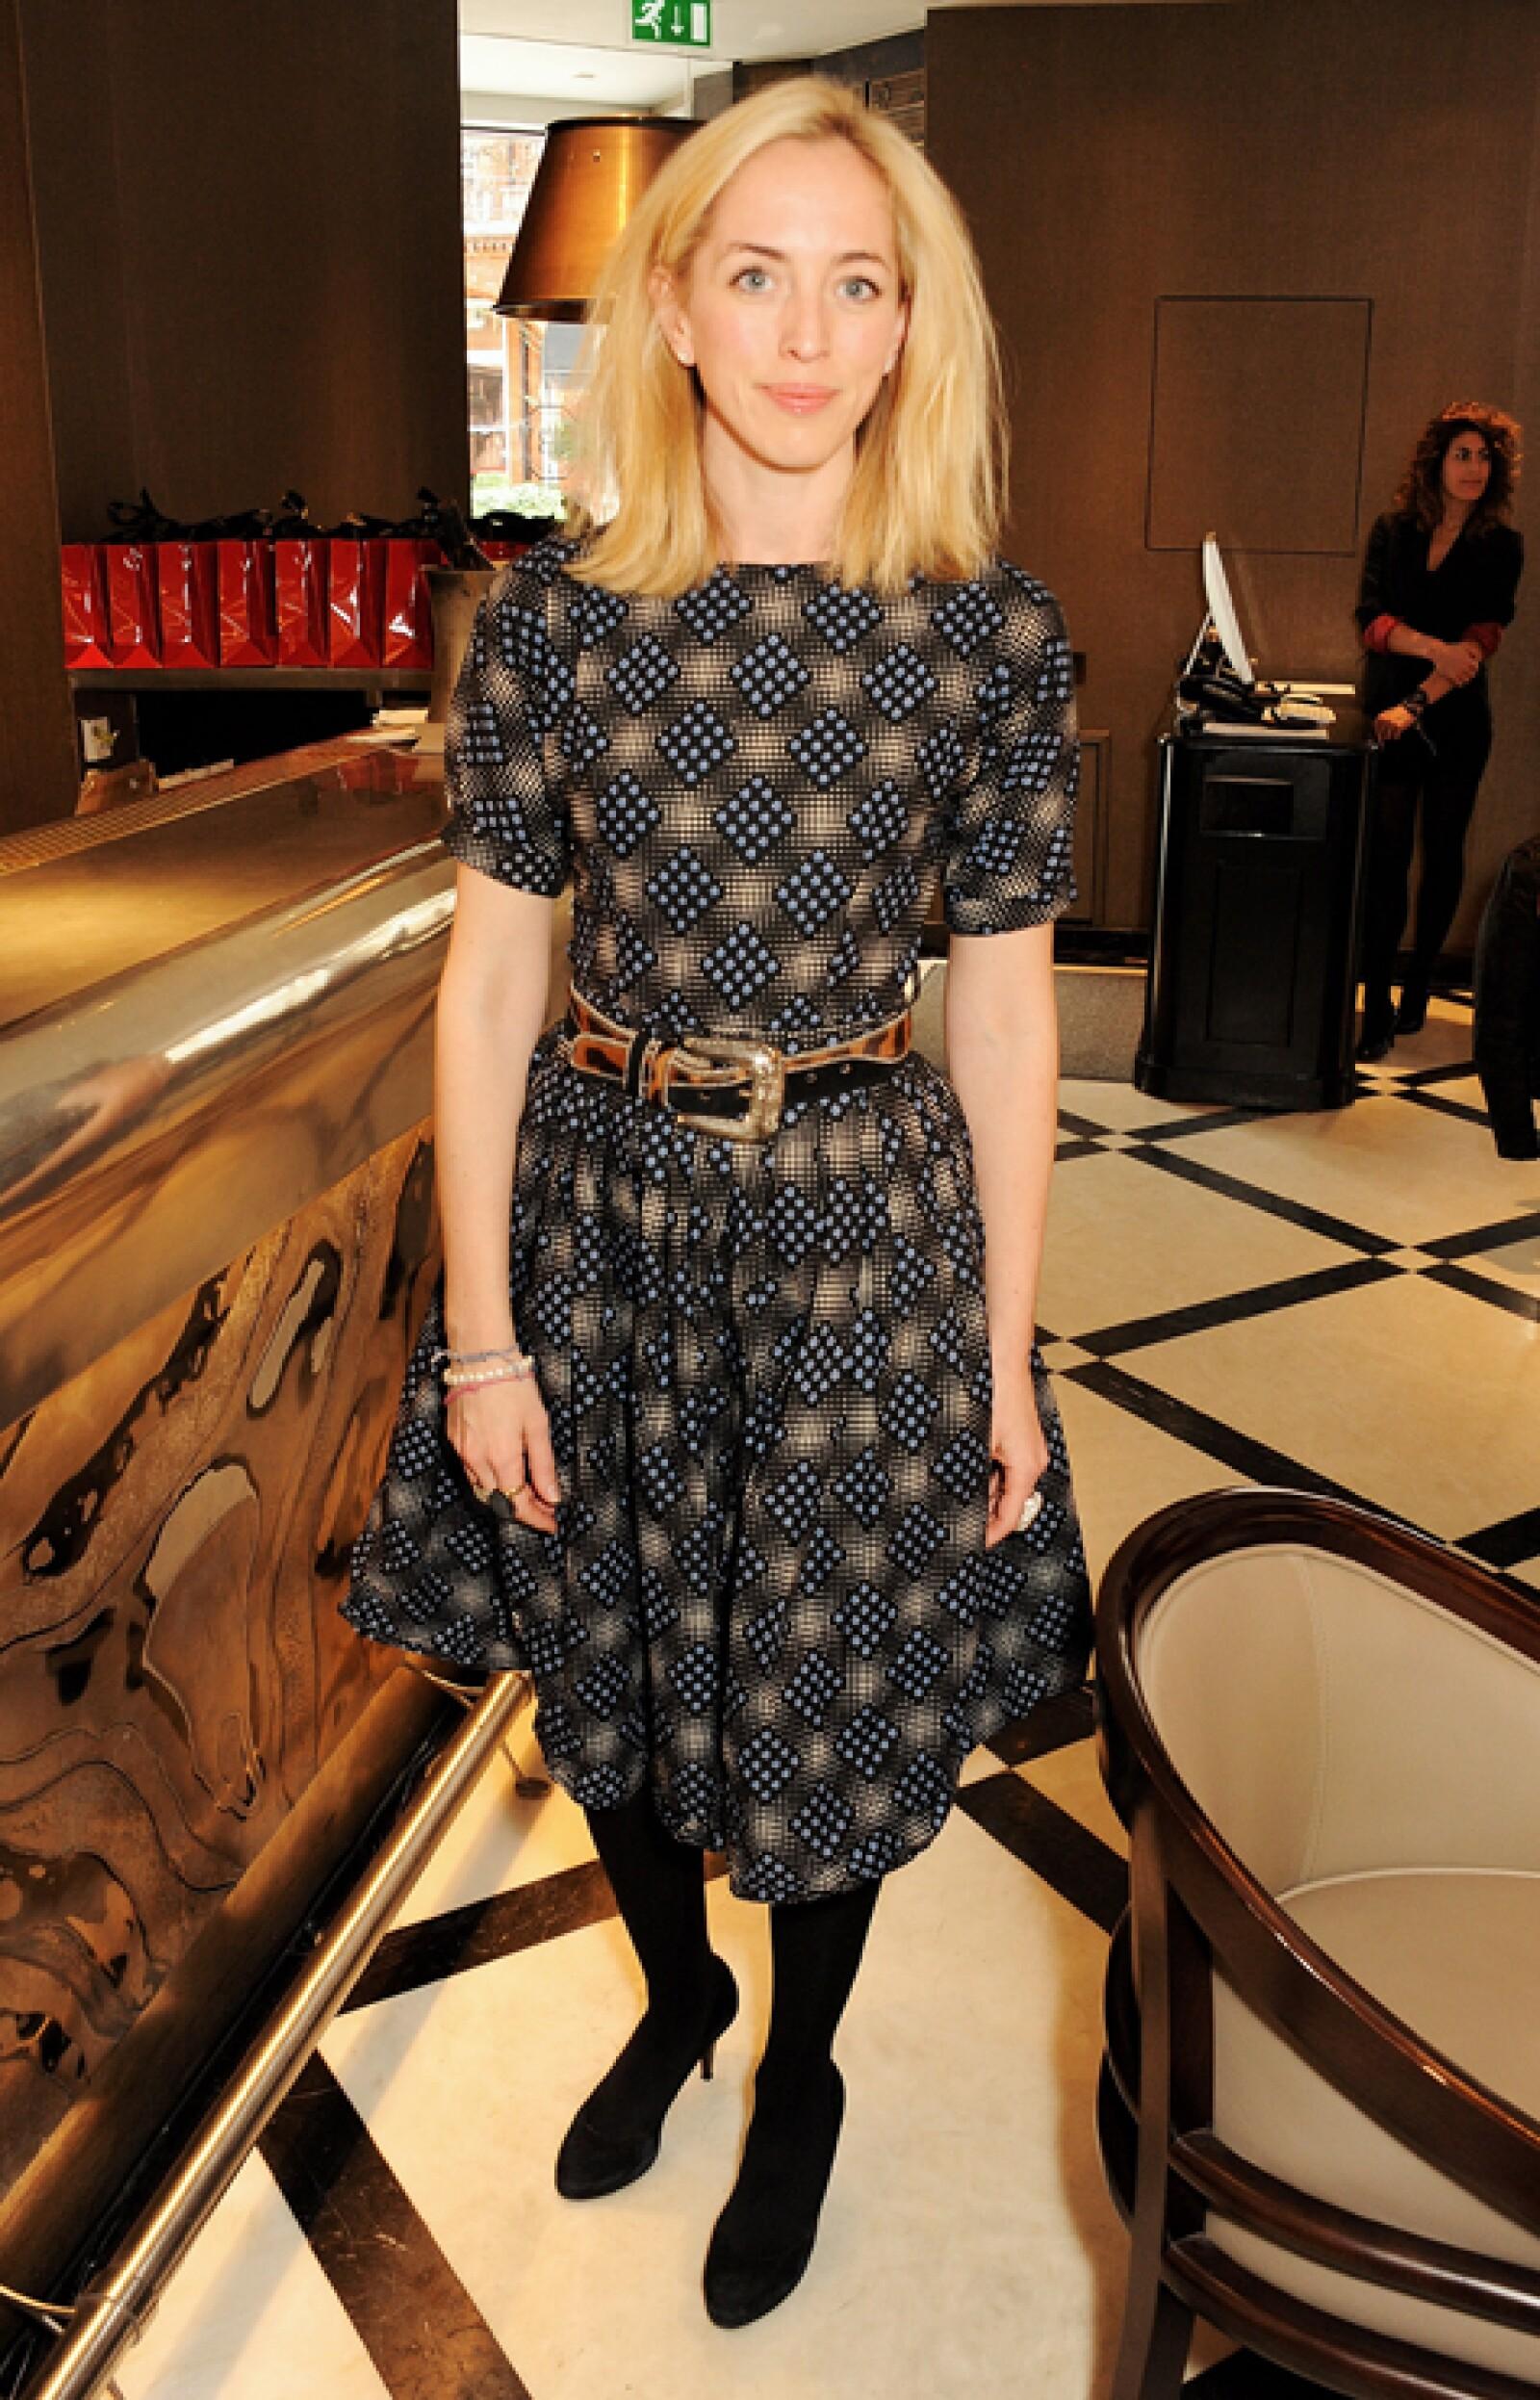 Victoria es la hermana de Robert Pattinson, la cual probablemente sienta mucha envidia del actor.